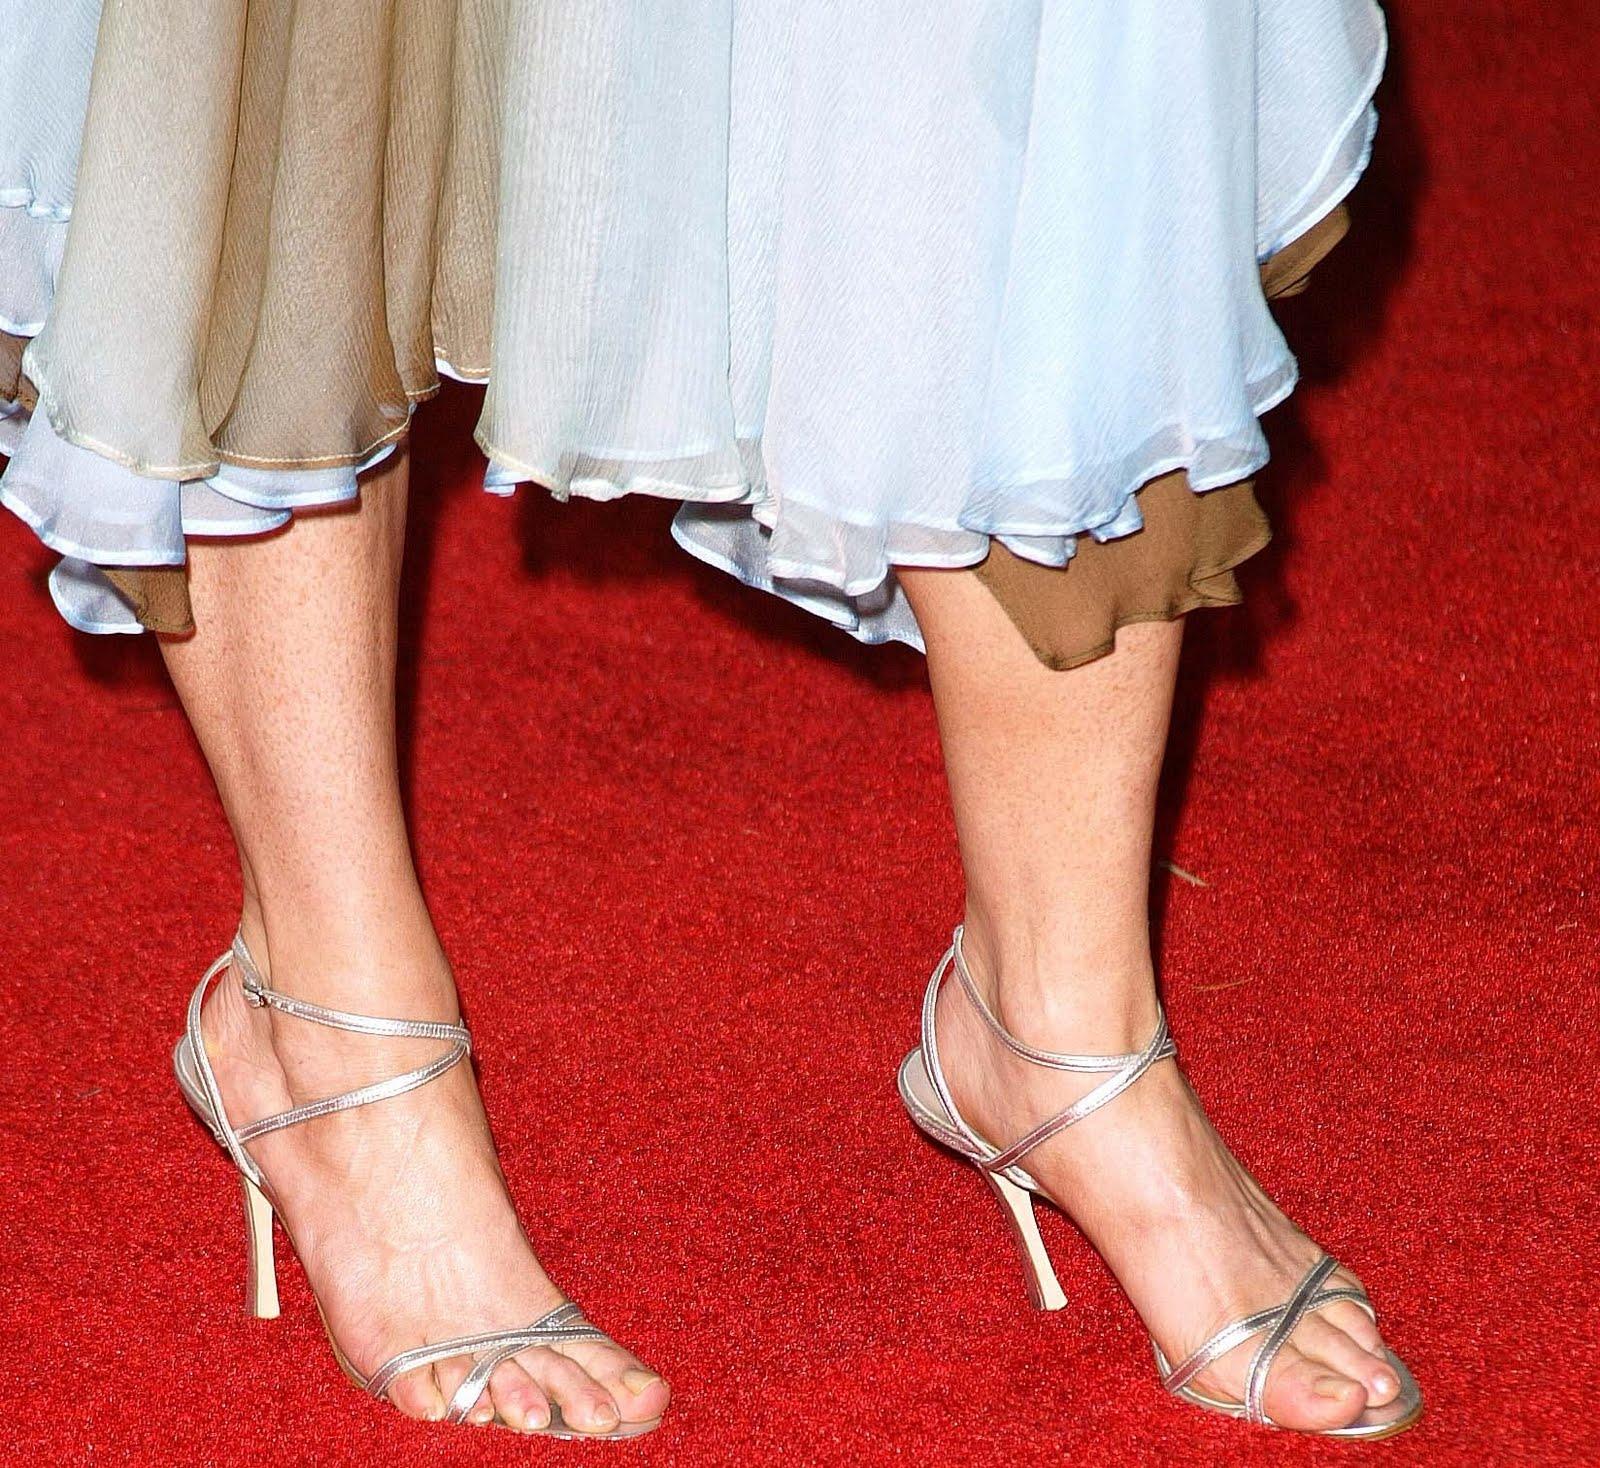 http://4.bp.blogspot.com/_UaLWp72nij4/TCkLxE8IOcI/AAAAAAAAQDo/0wR1fLRjs3g/s1600/poppy-montgomery-feet-4.jpg